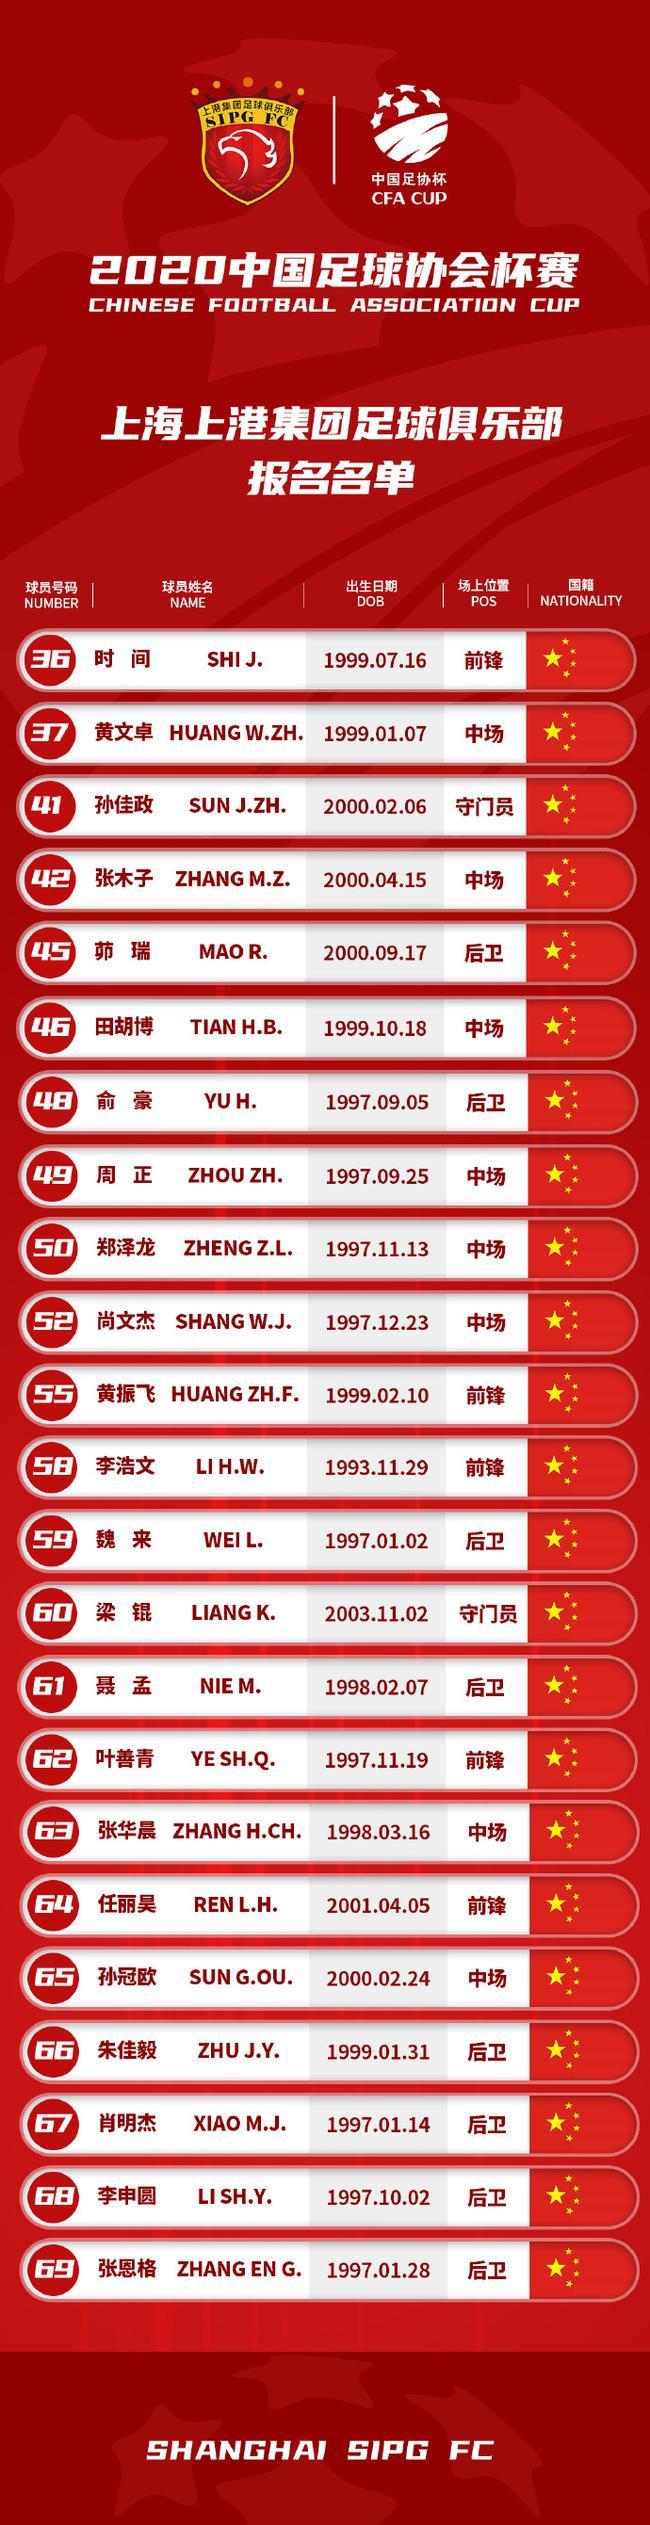 上海上港公布足协杯名单,04梯队教练挂帅最小球员仅17岁